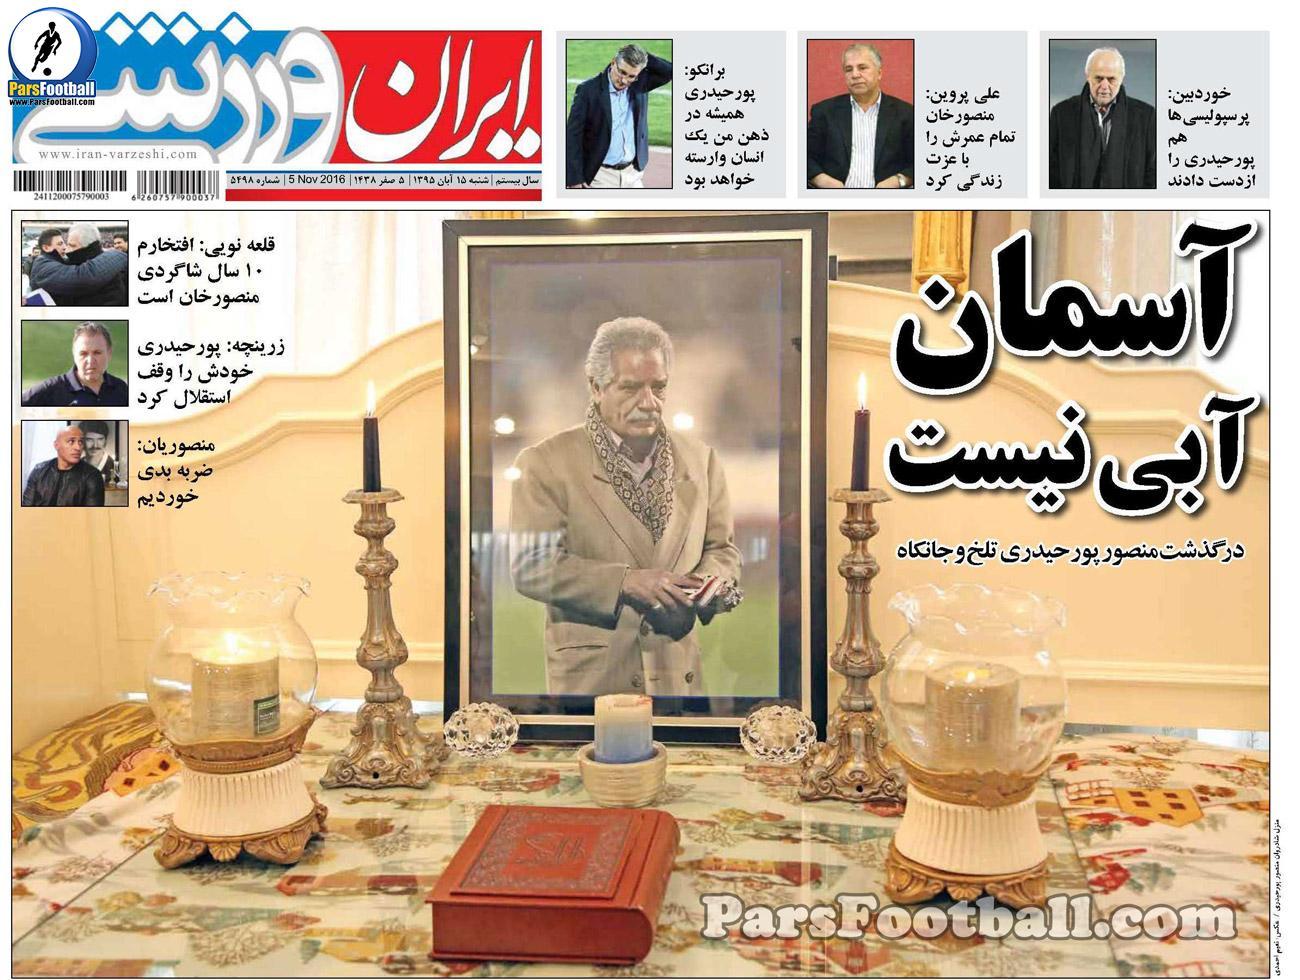 روزنامه ایران ورزشی شنبه 15 آبان 95